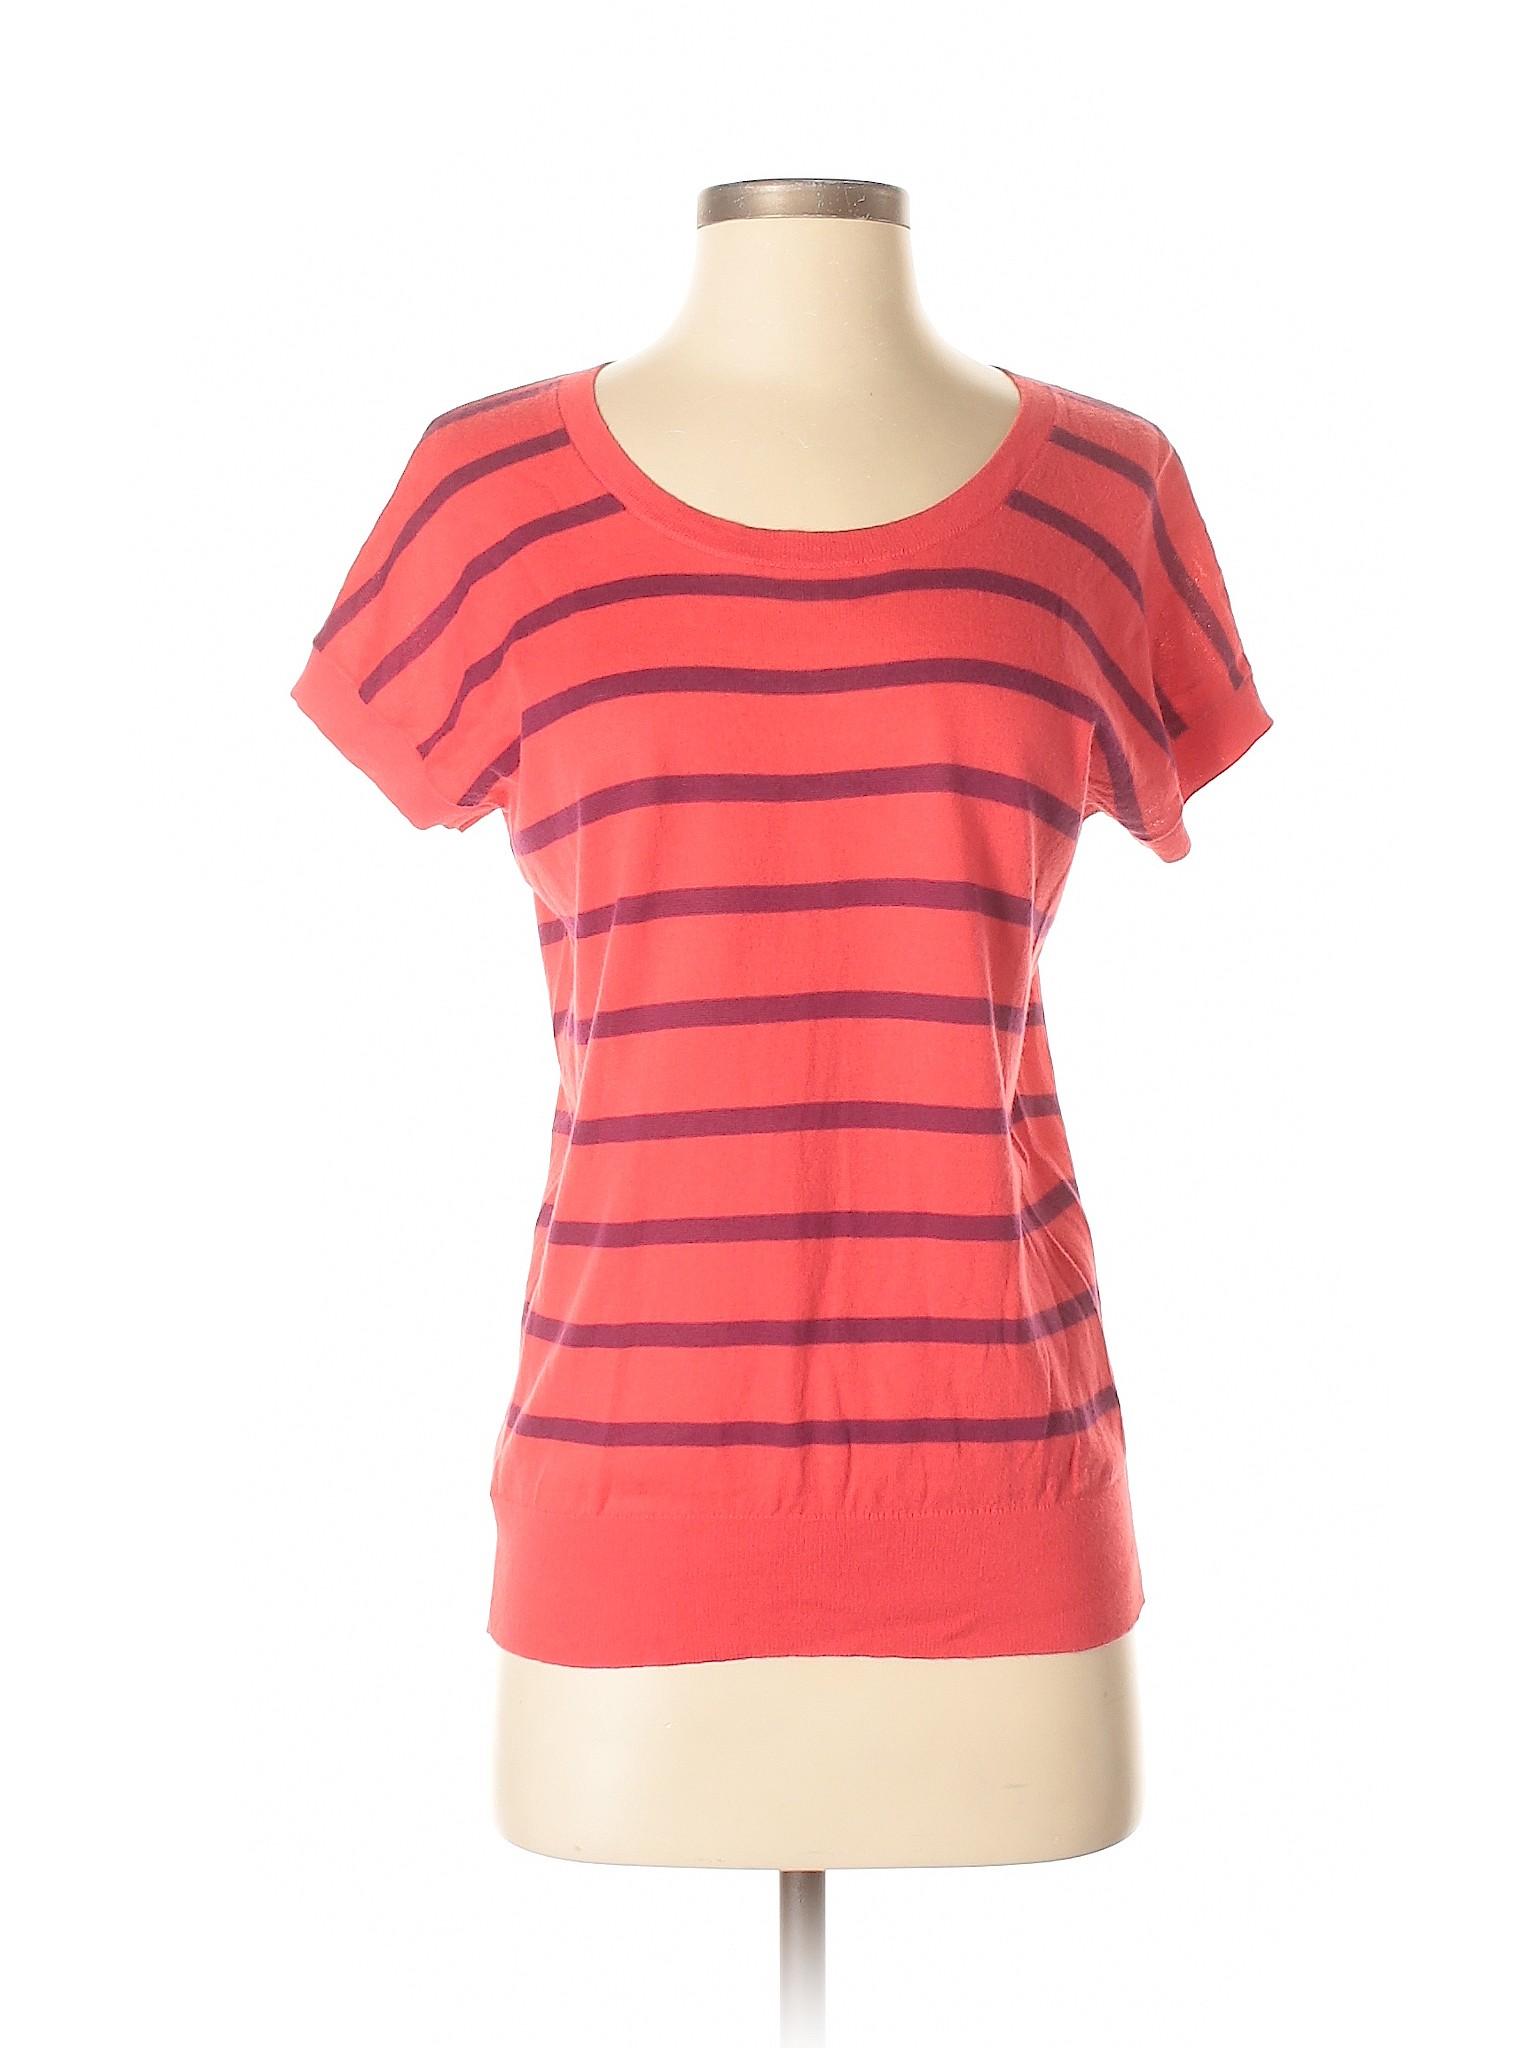 Taylor Ann Boutique Pullover Sweater LOFT qRwx4Sx1C